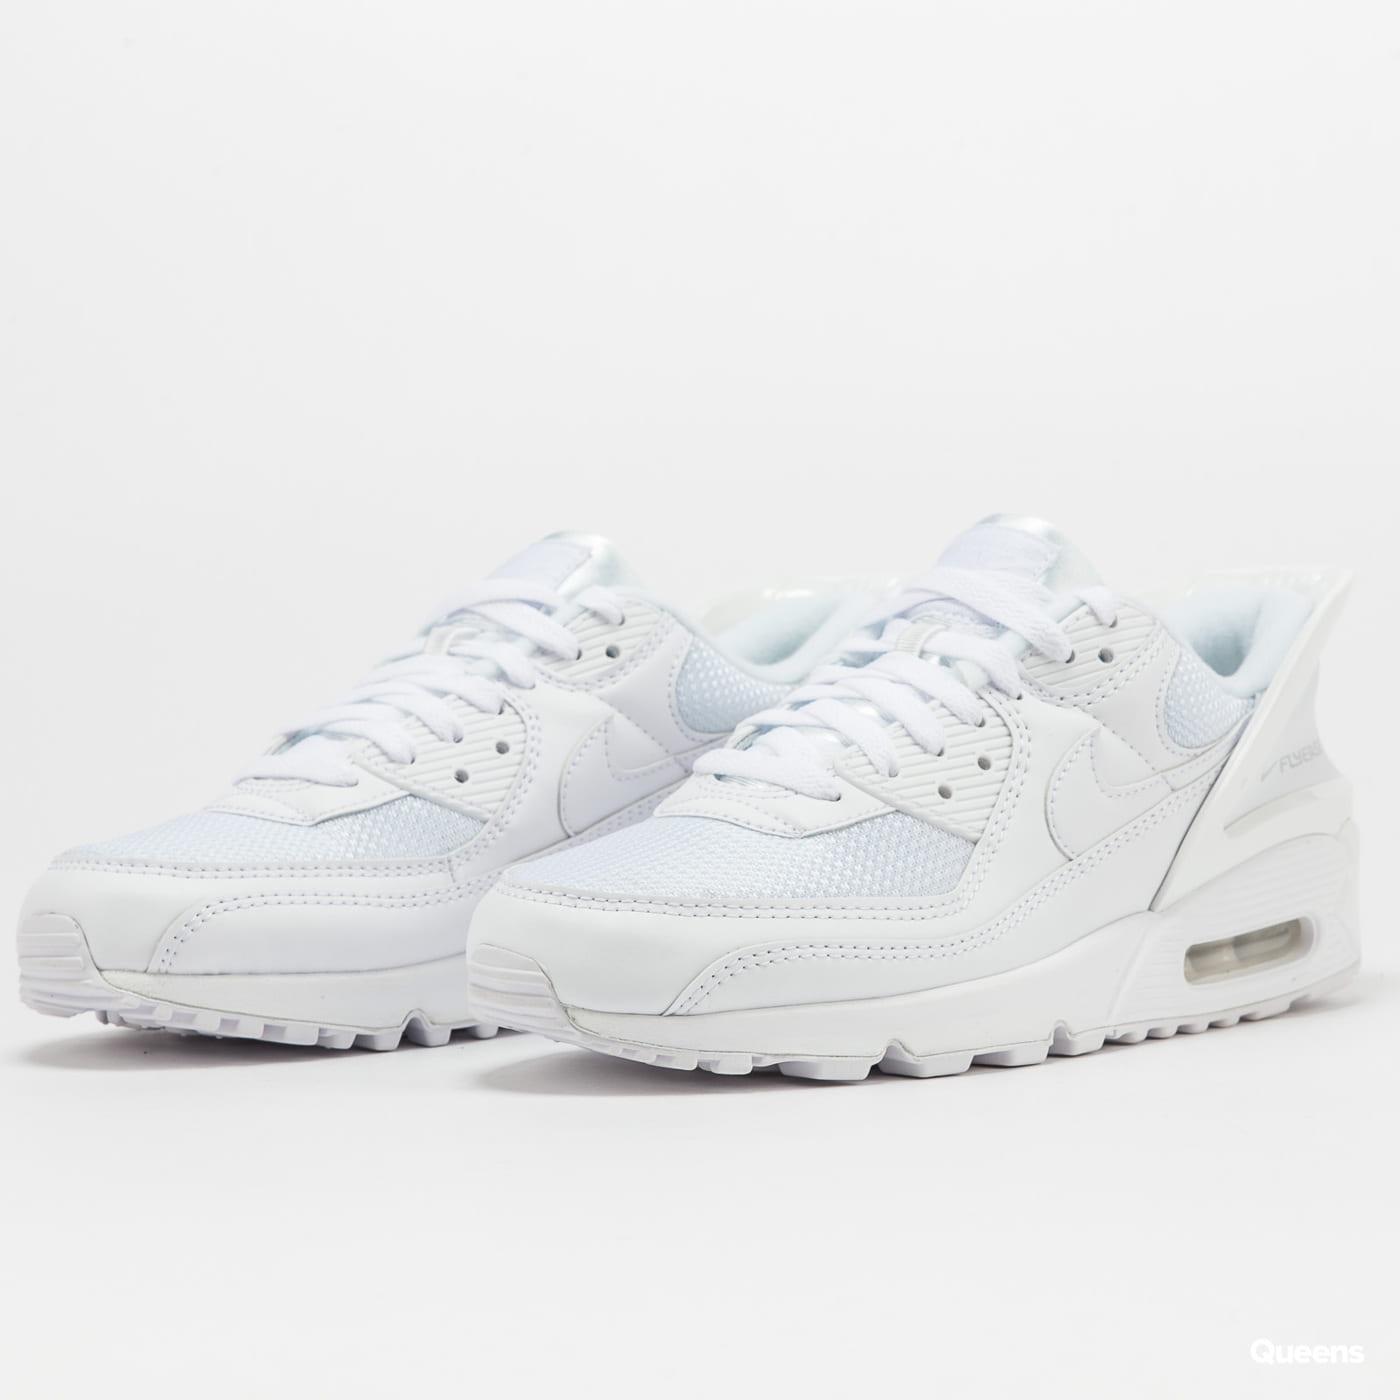 Nike Air Max 90 Flyease white / white - white